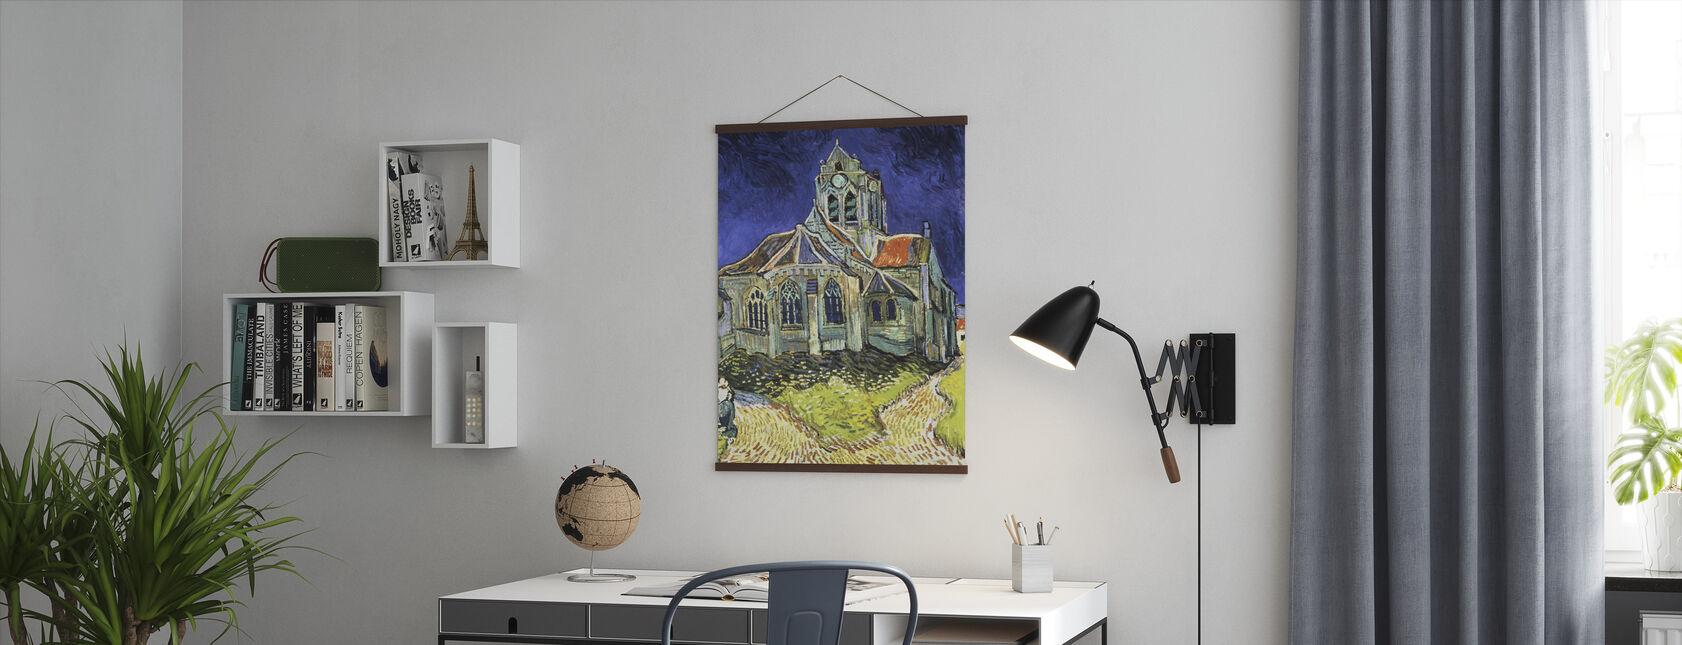 Church at Auvers-sur-Oise - Vincent van Gogh - Poster - Office